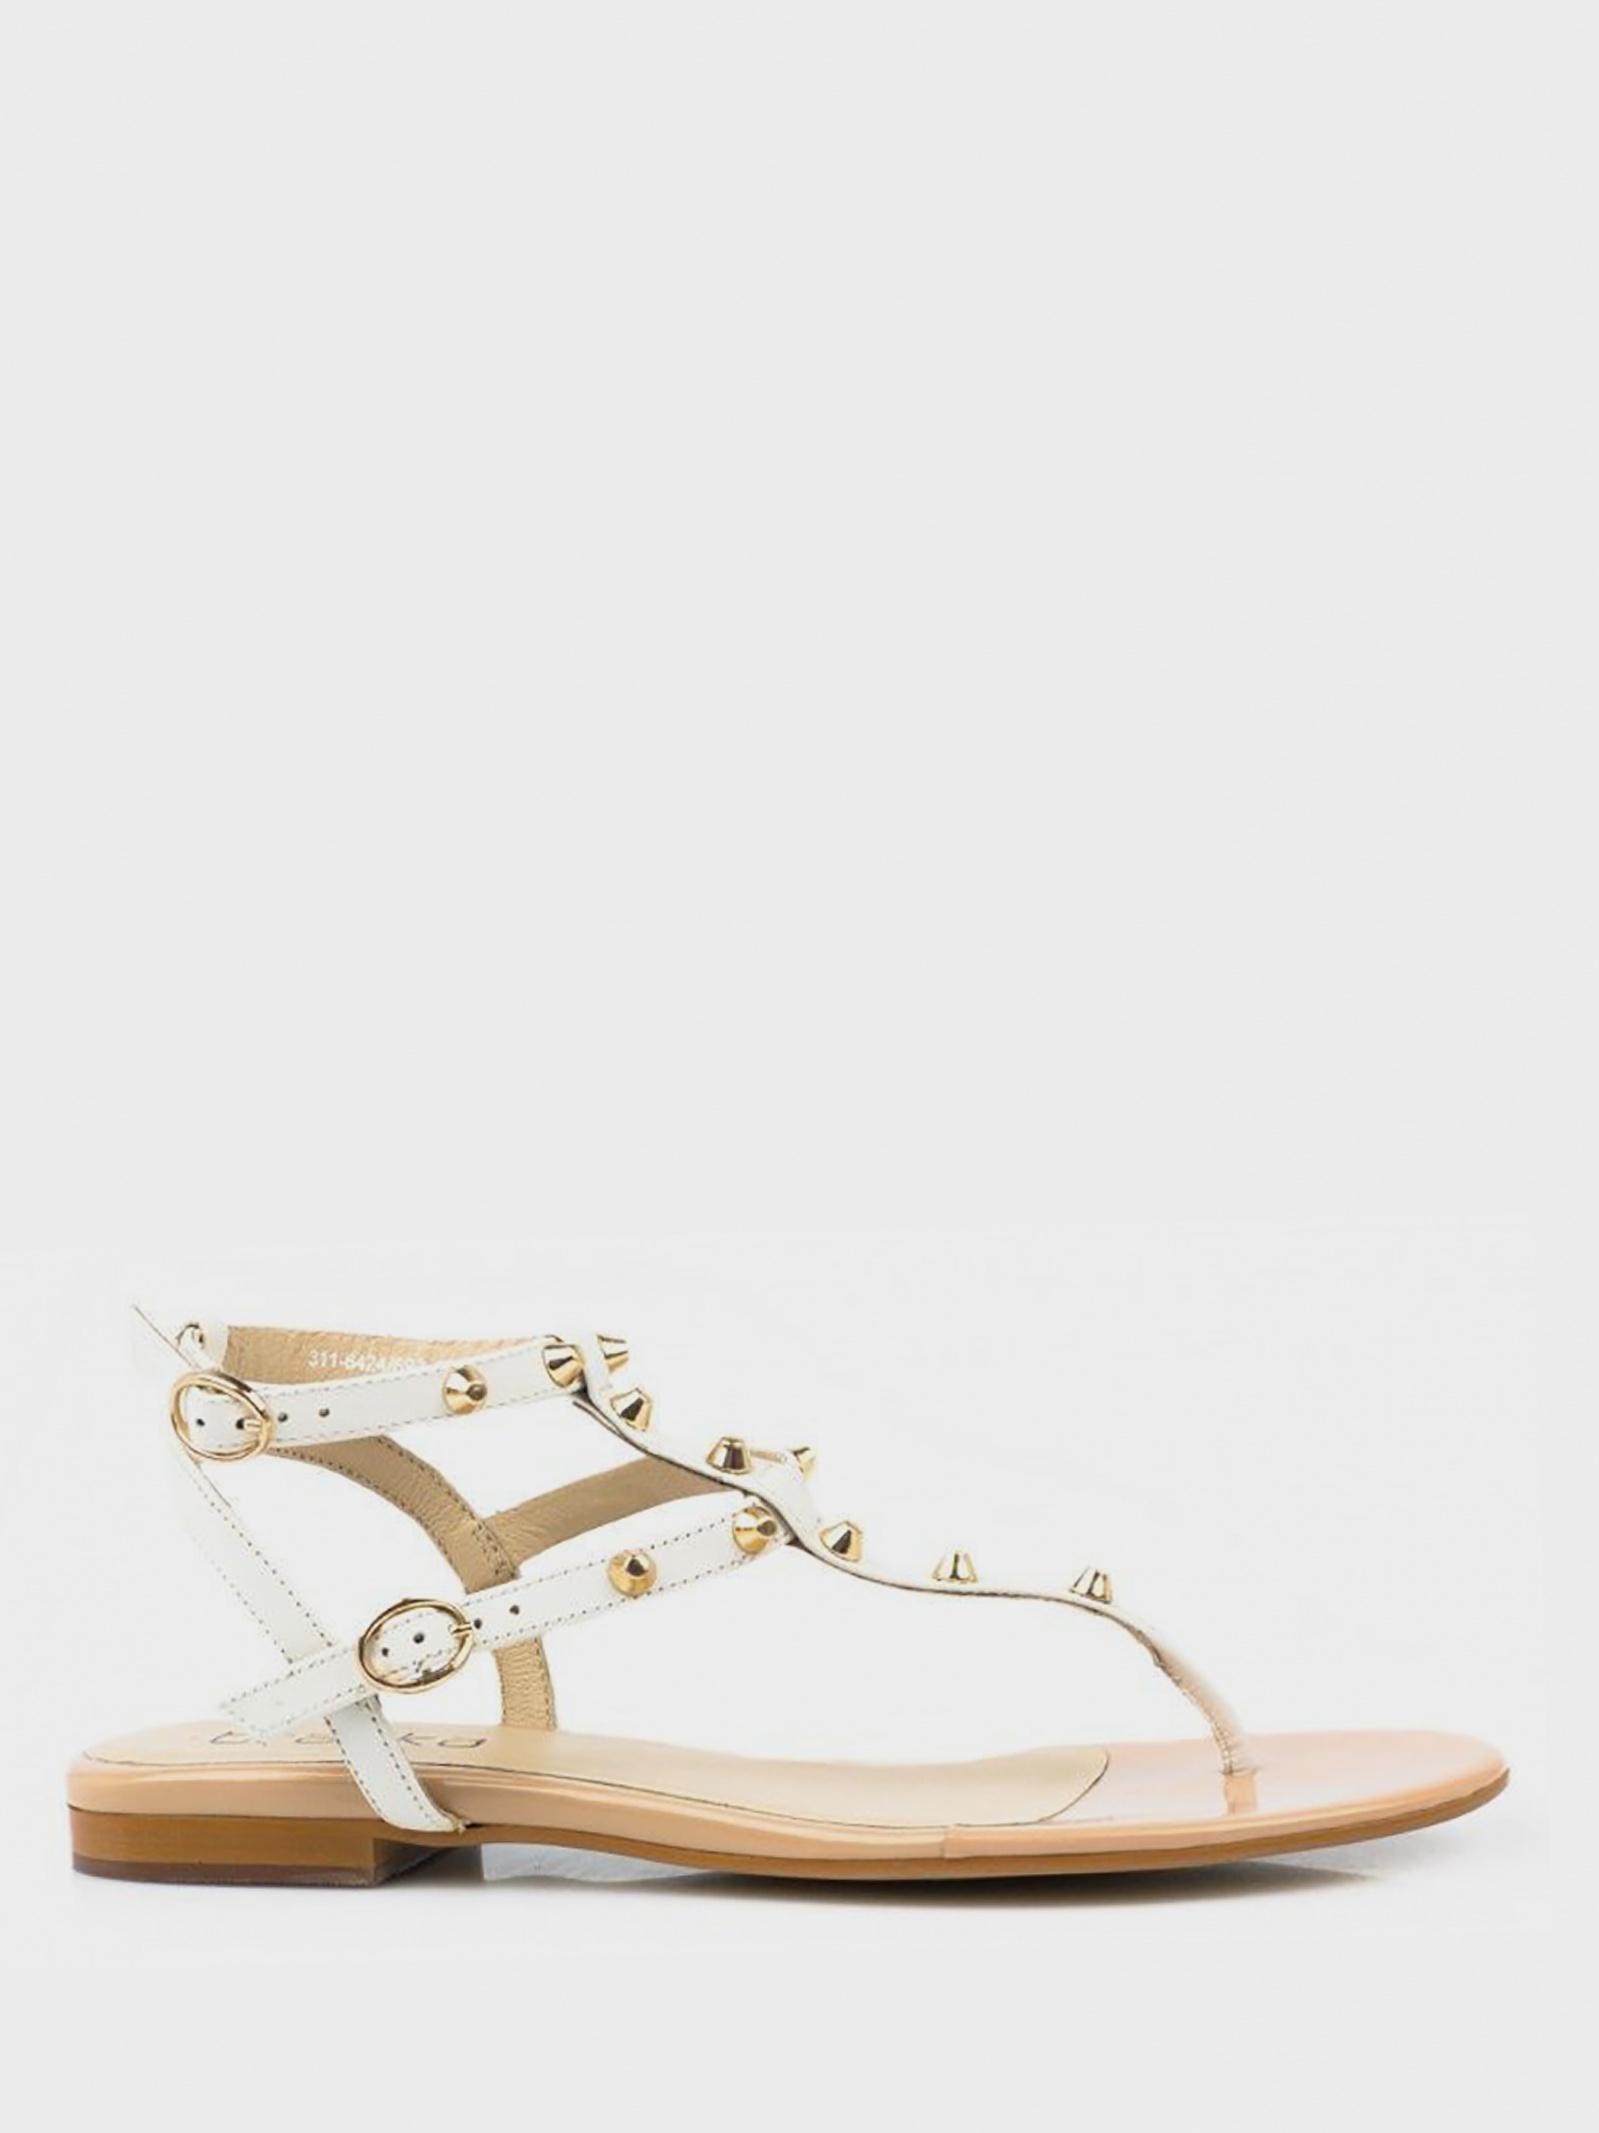 Сандалі  для жінок Braska 311-6424/693 модне взуття, 2017